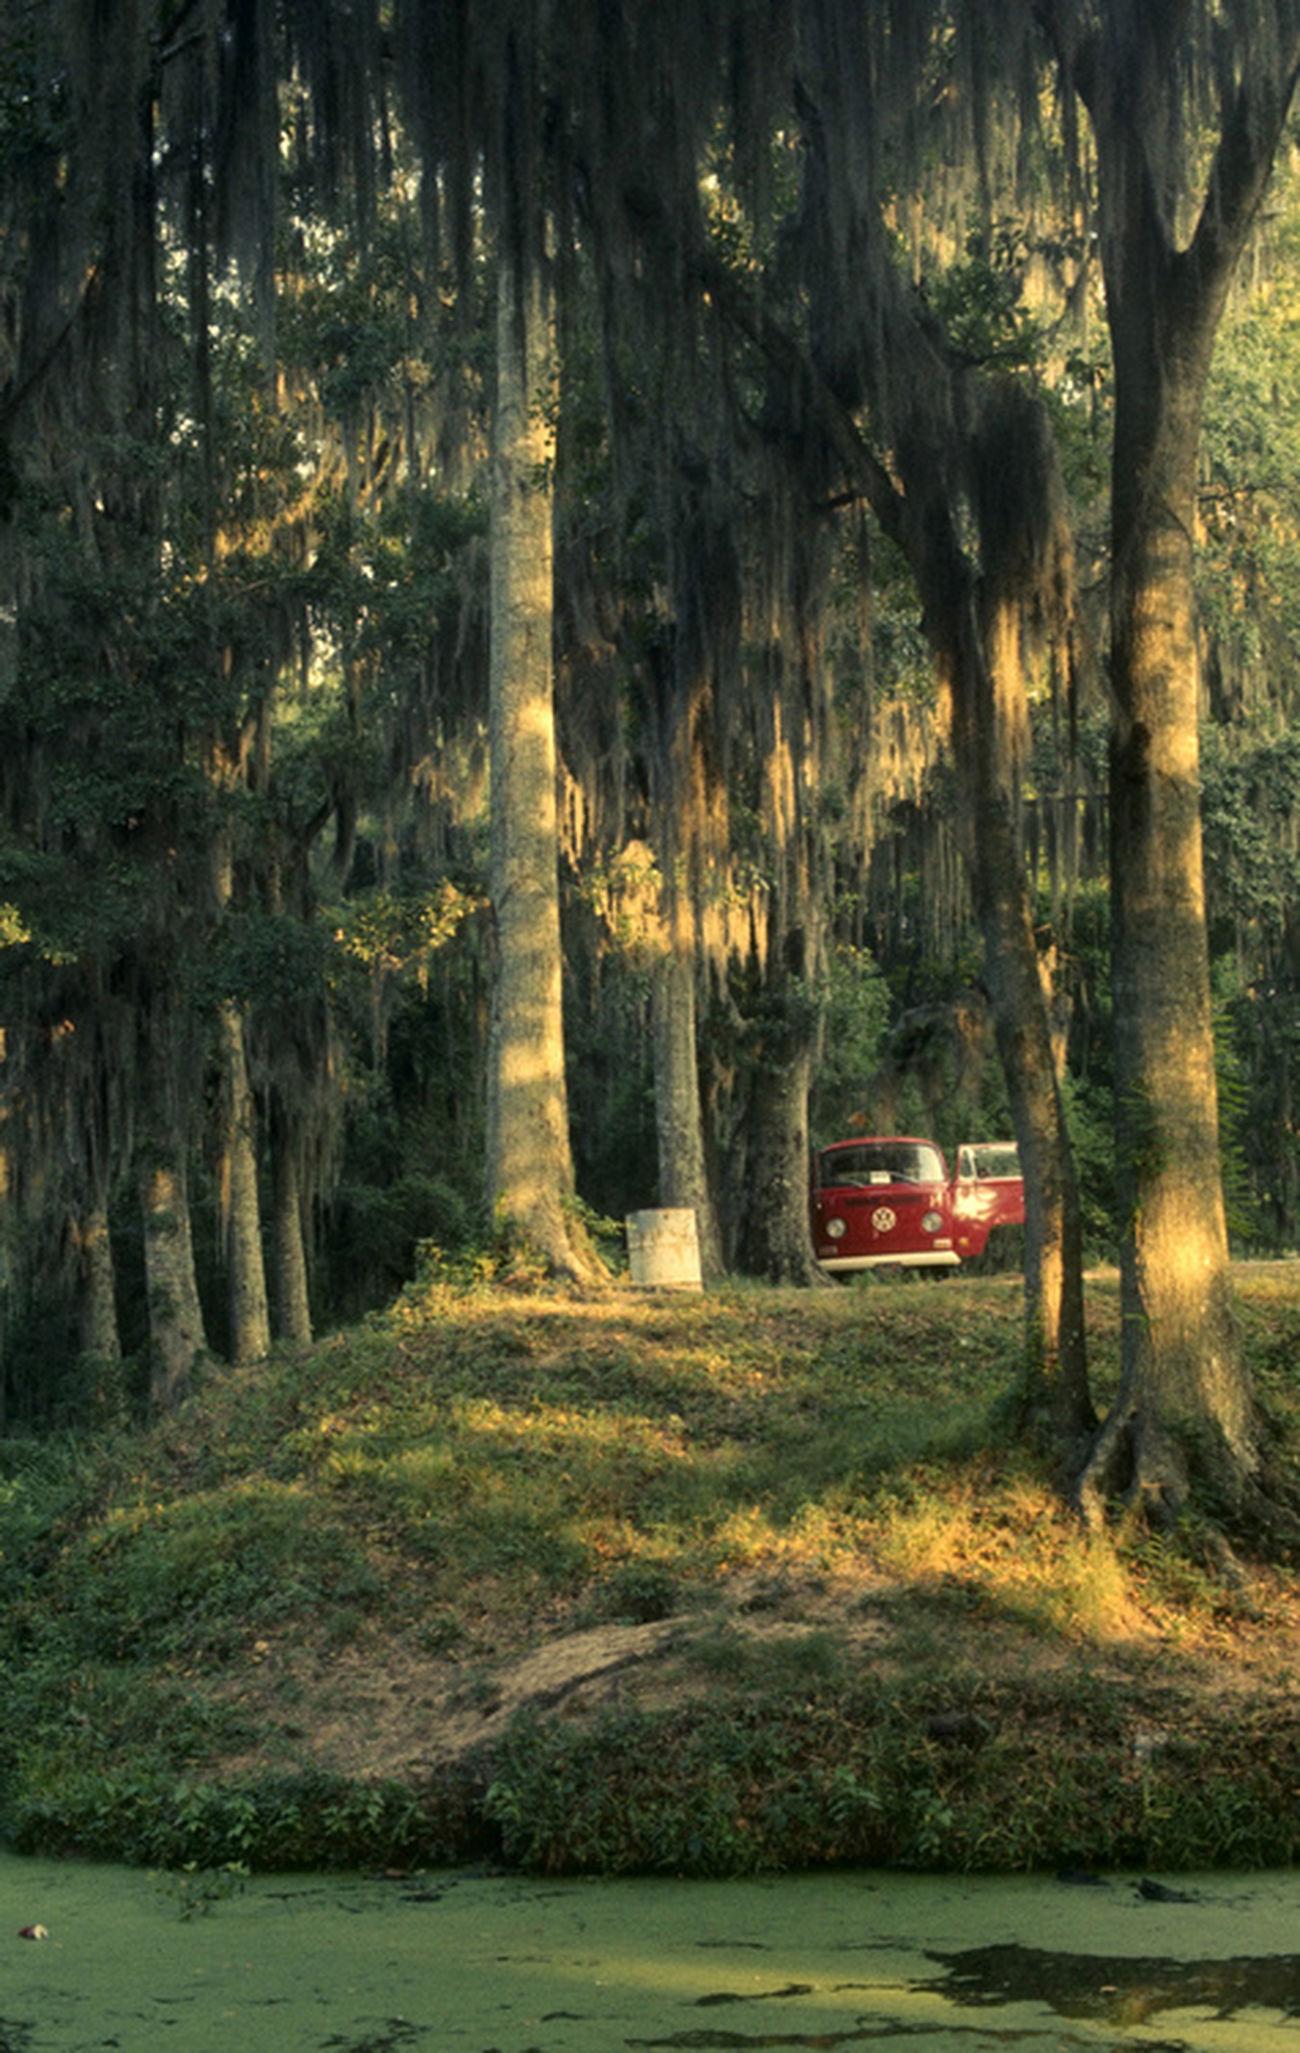 Karavan Doğa Orman Huzur Forest Mutluluk